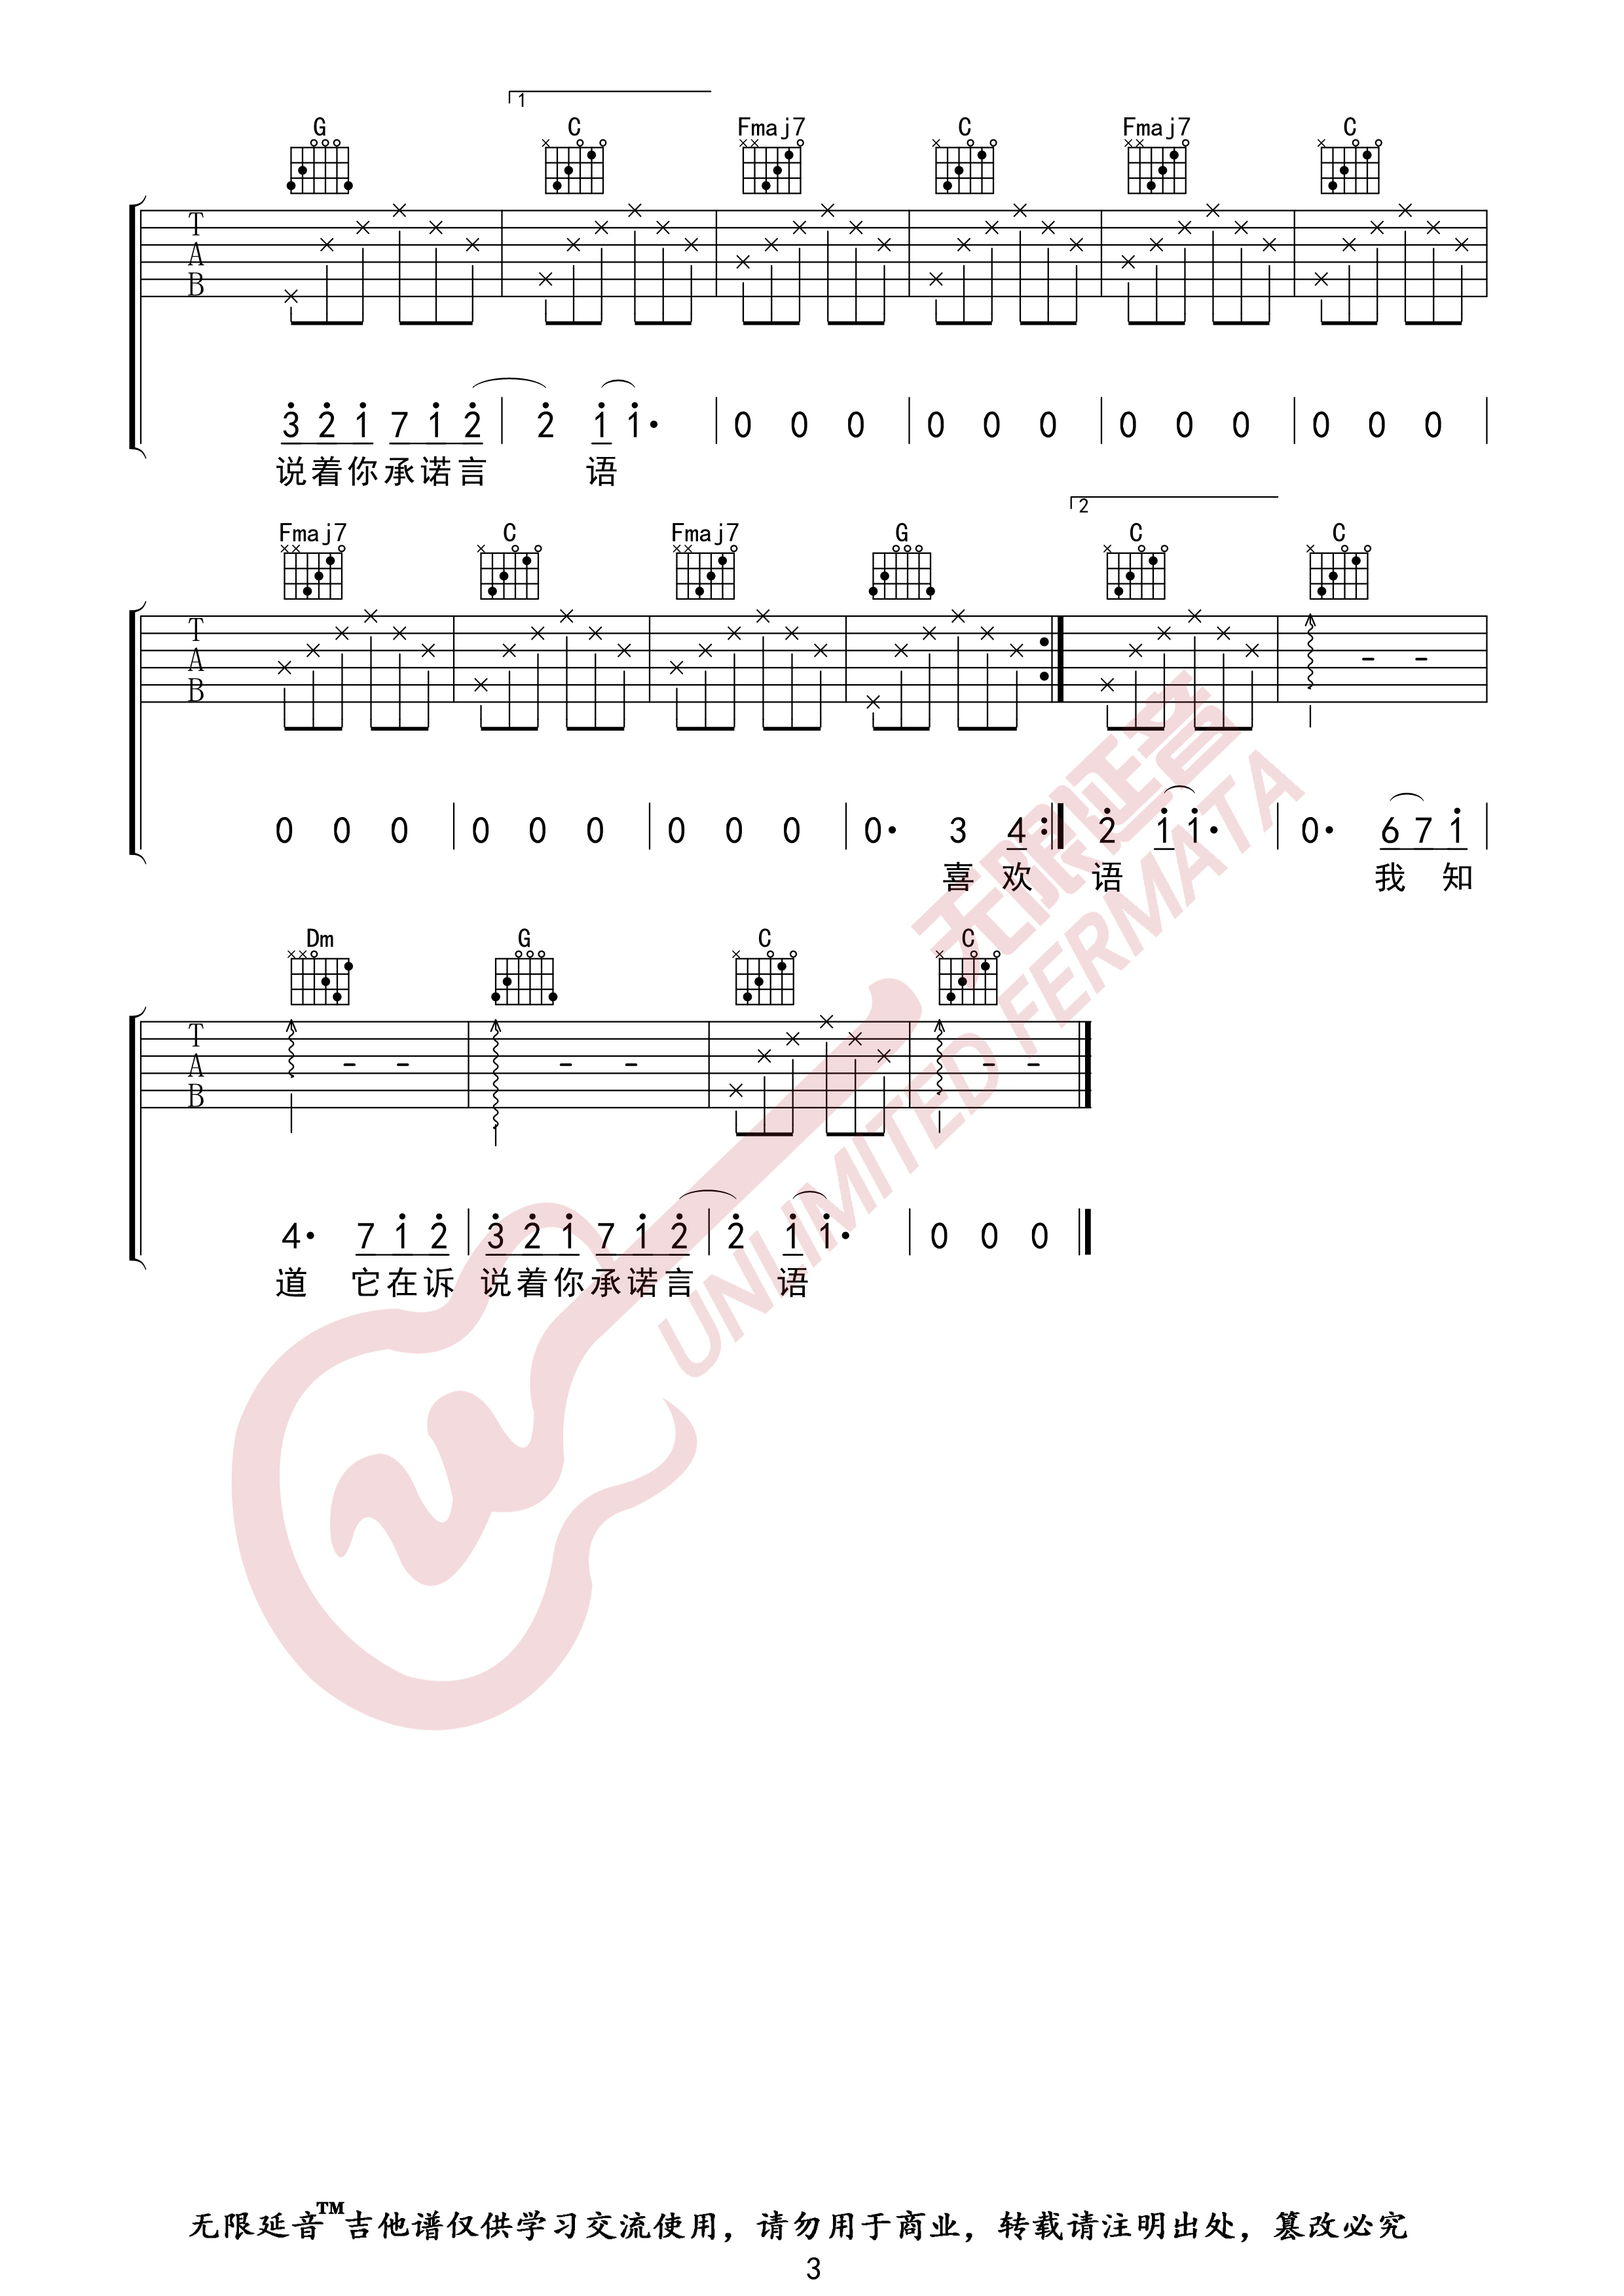 喜欢你(无限延音编配)吉他谱(图片谱,无限延音编配,弹唱)_陈洁仪_喜欢你03.jpg